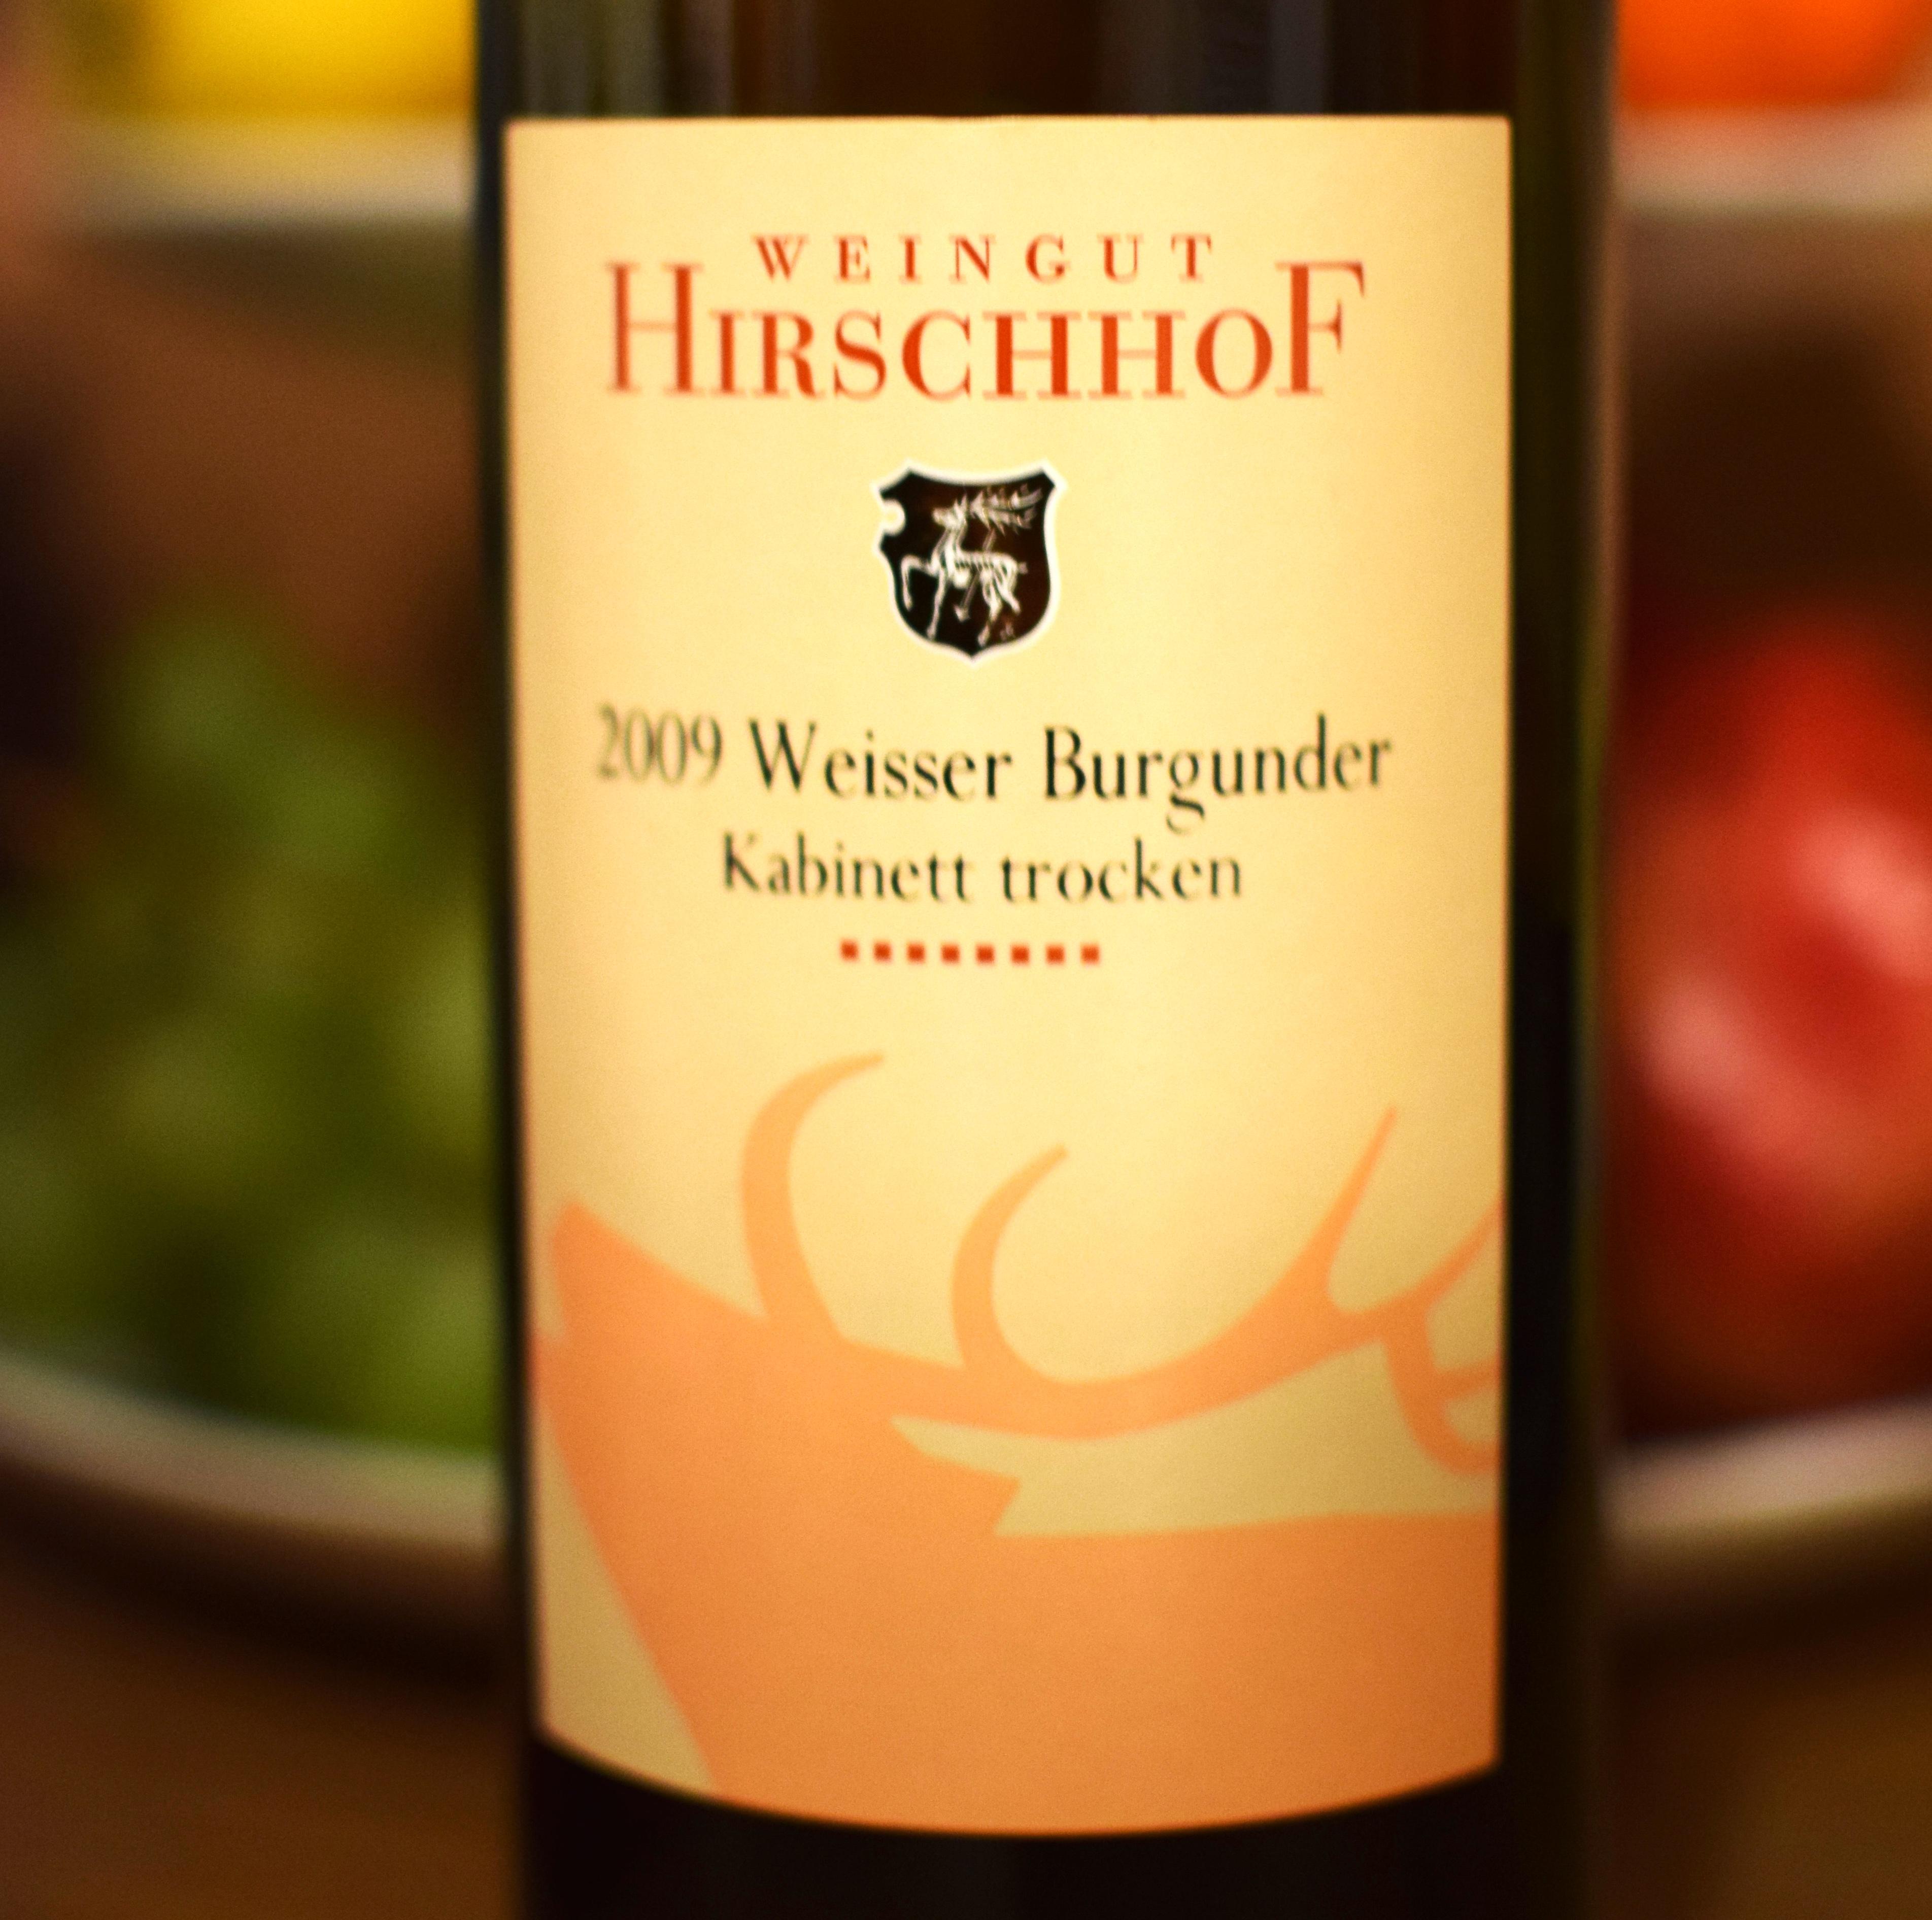 2009 Weisser Burgunder, Weingut Hirschhof